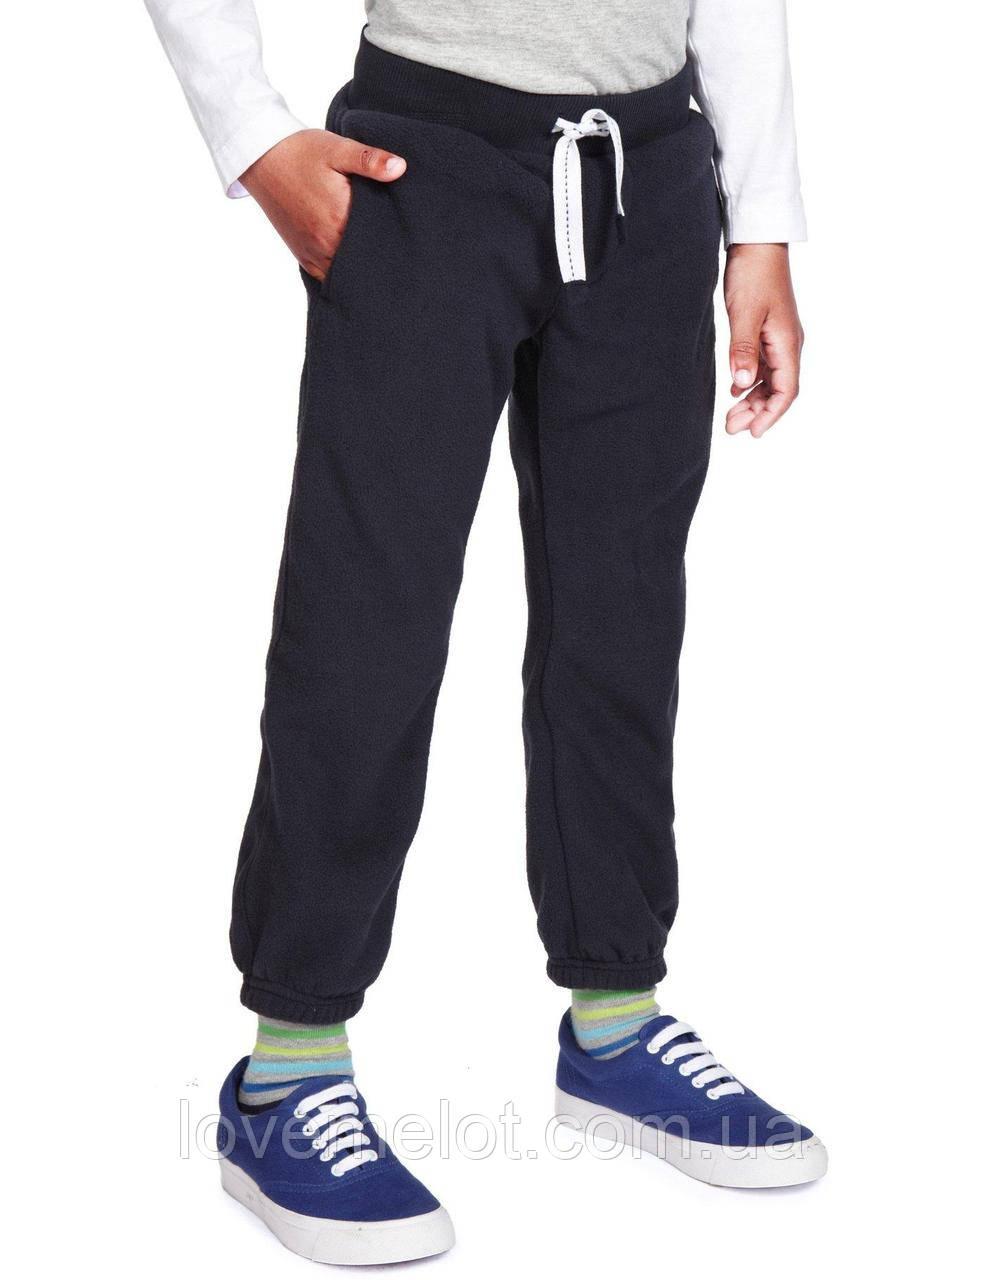 """Детские теплые флисовые штаны M&S """"Олимп"""" для мальчика и девочки на рост 92см"""